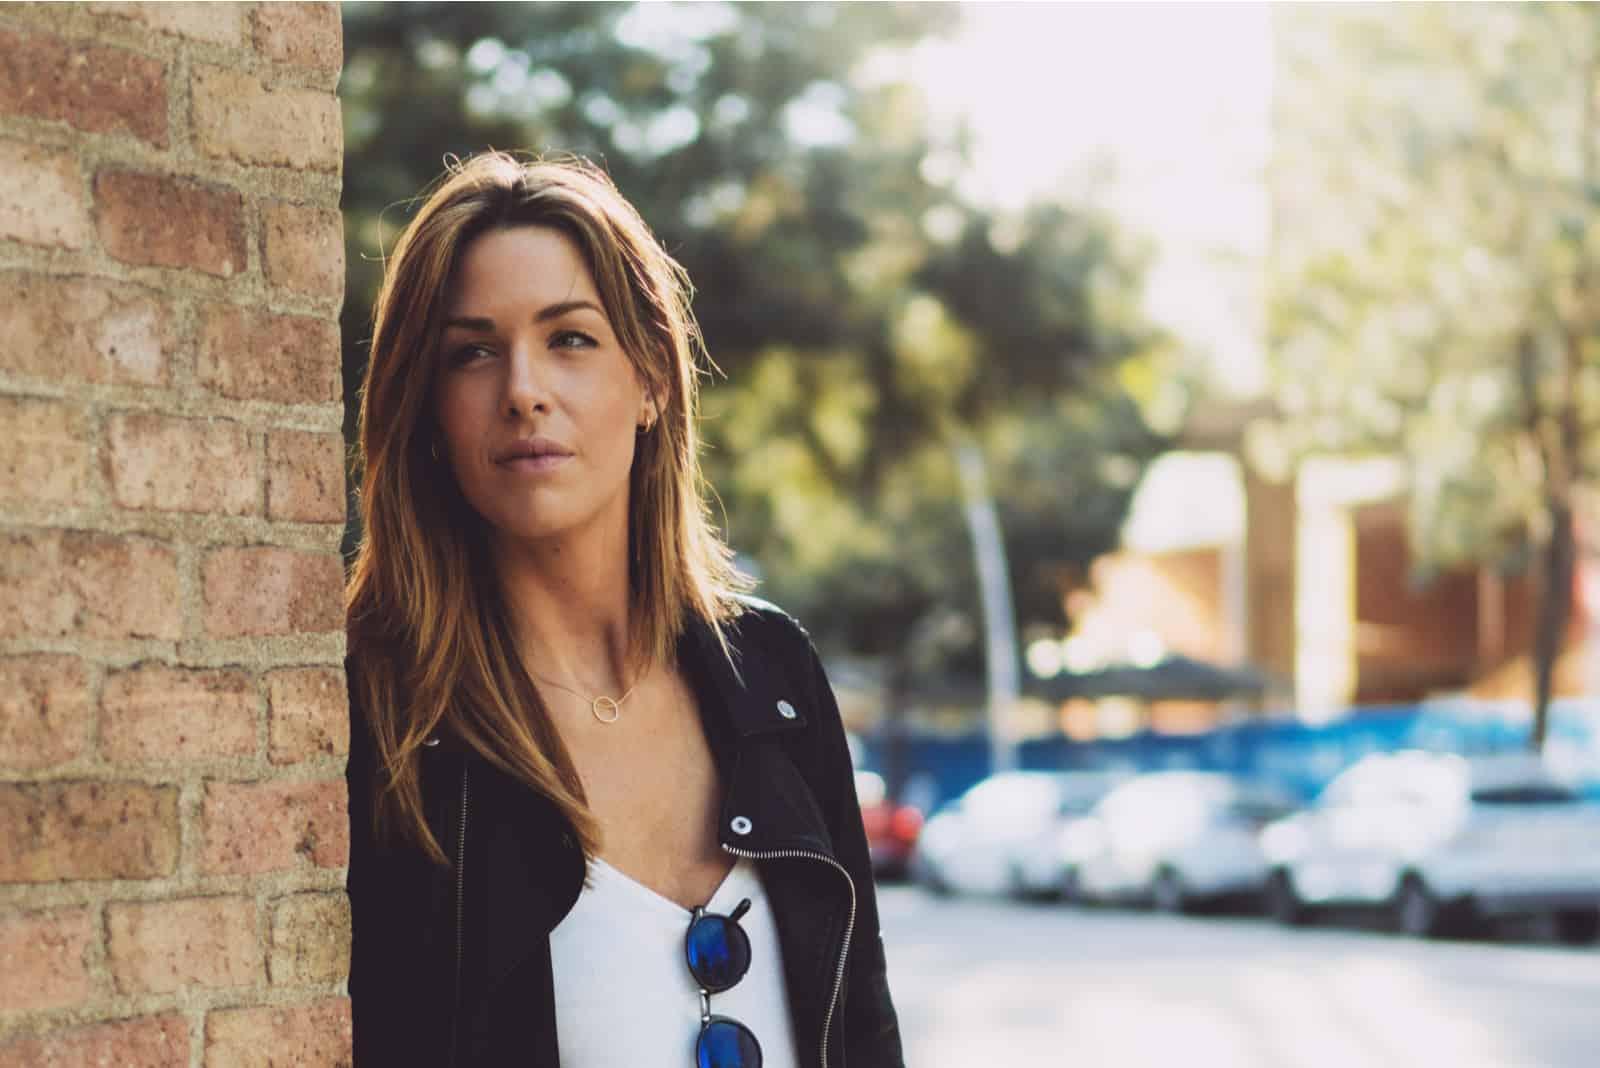 Frau steht auf einer Straße an einer Mauer gelehnt